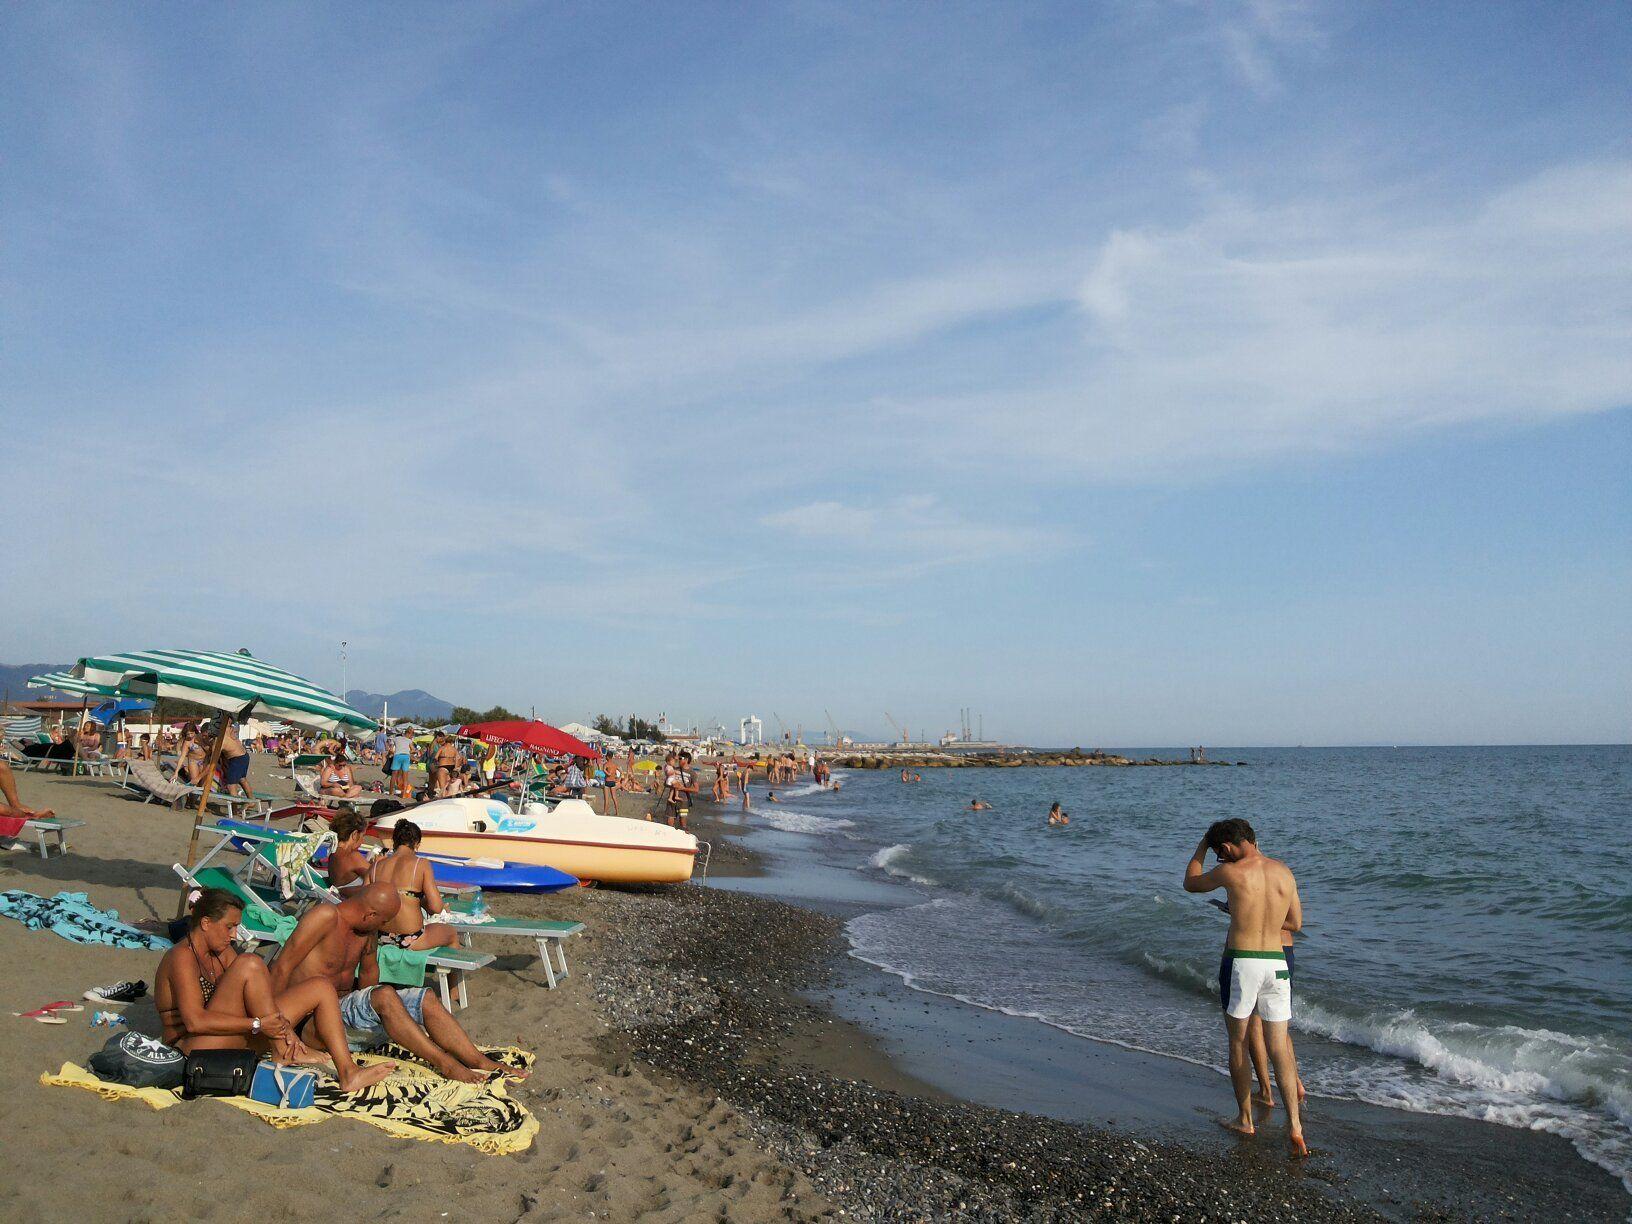 Spiaggia Libera Attrezzata Oasi Chiosco Marinella Di Sarzana